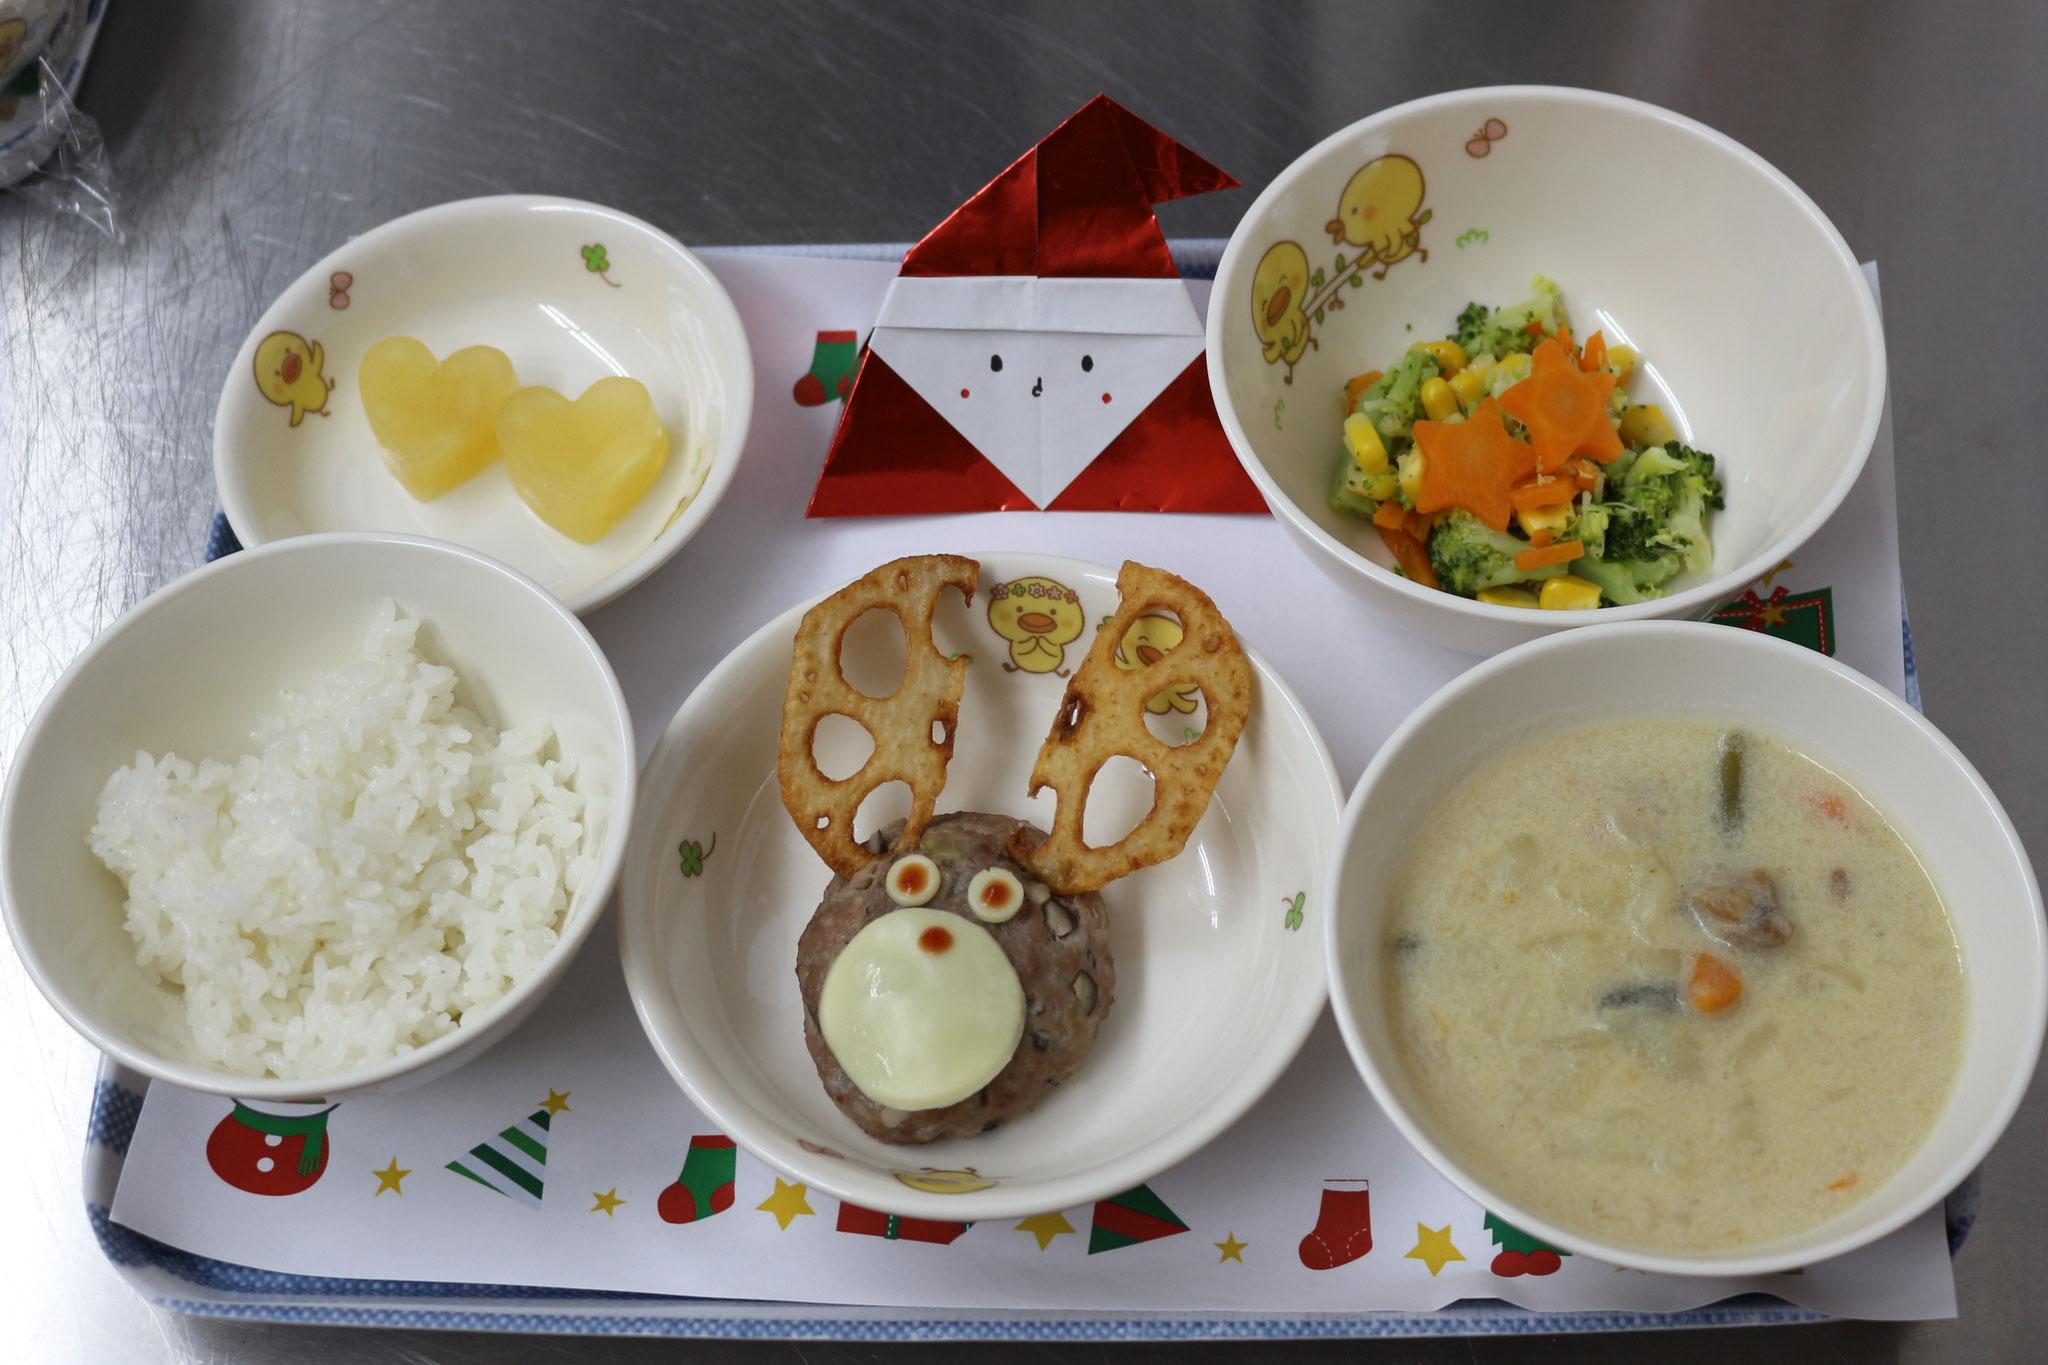 Xmas行事食では美味しいトナカイハンバーグと 調理員手作りサンタさん😊 (人''▽`)ありがとう☆